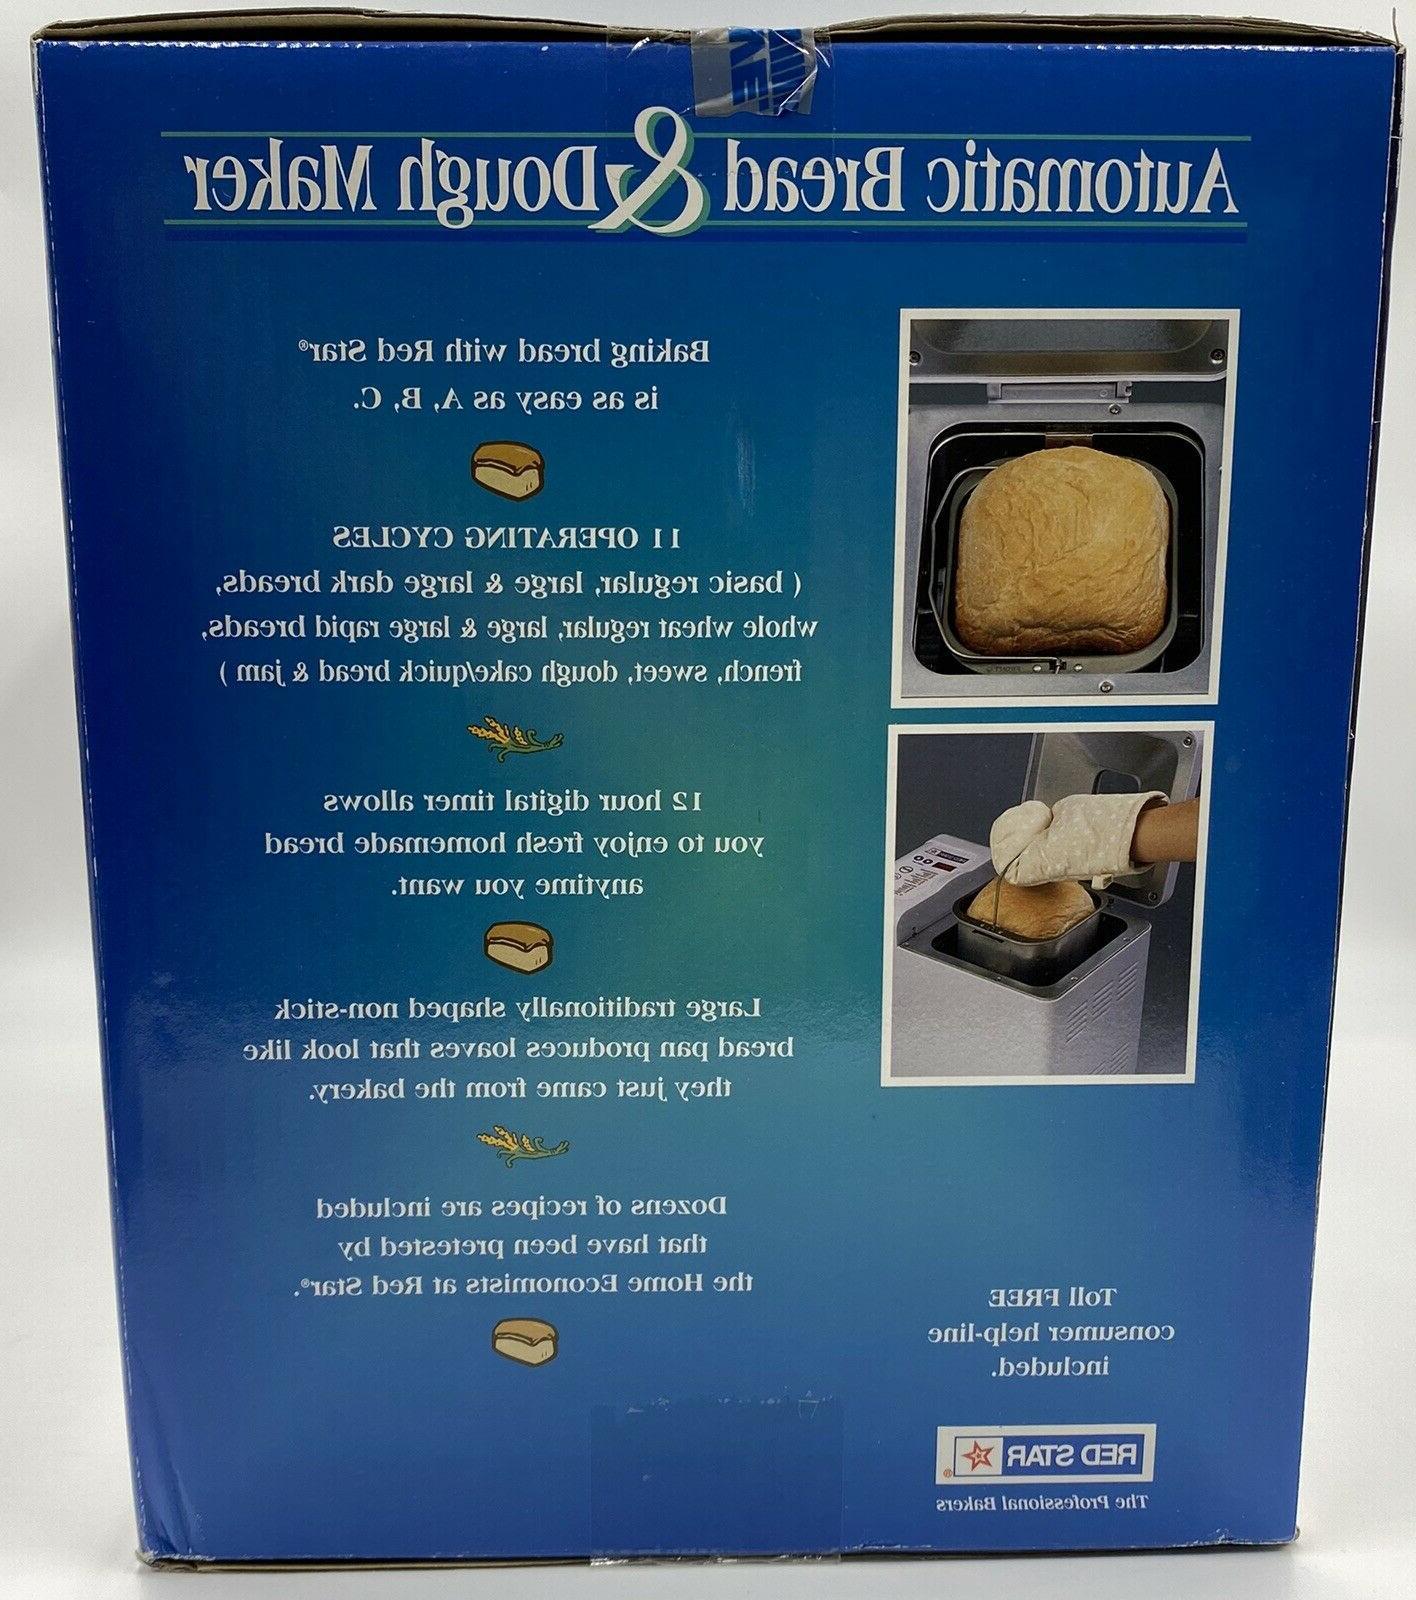 Red BM-735 Bread Maker Brand Sealed